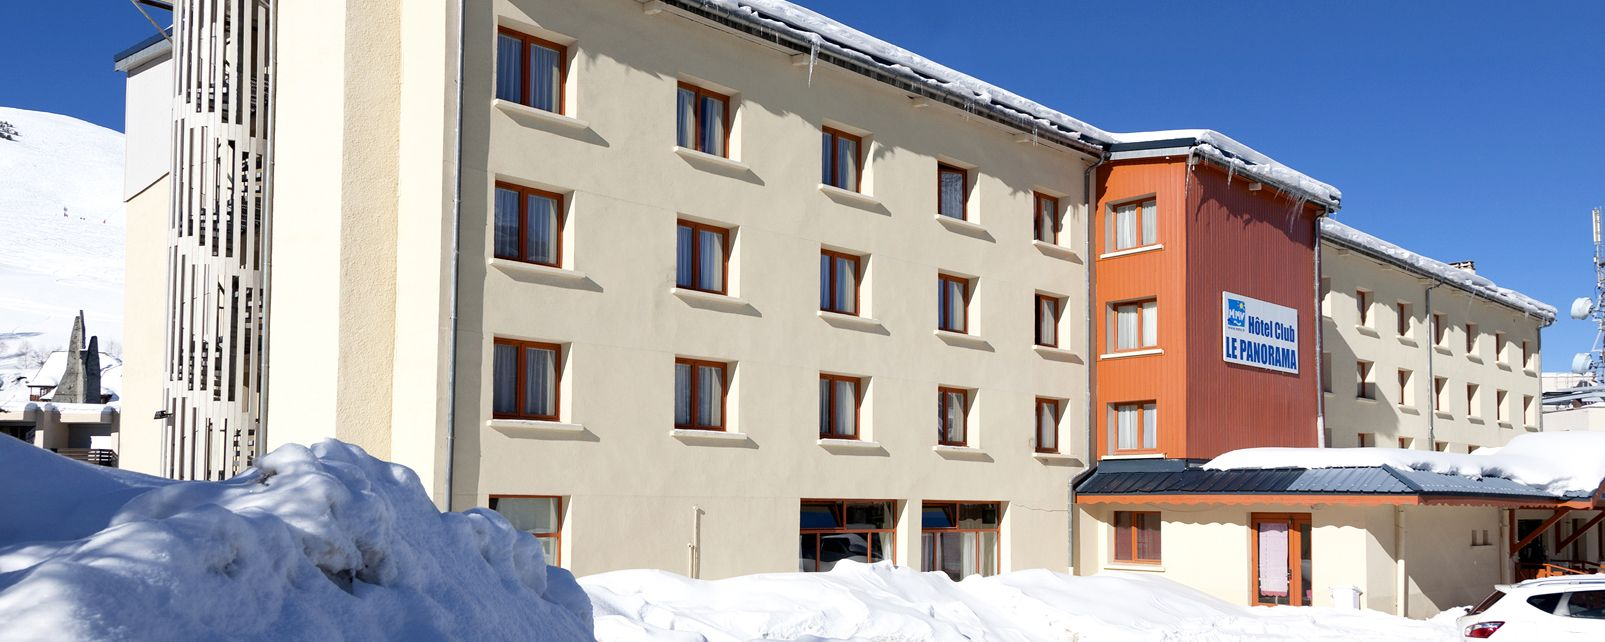 h tel club mmv les deux alpes le panorama les deux alpes france. Black Bedroom Furniture Sets. Home Design Ideas